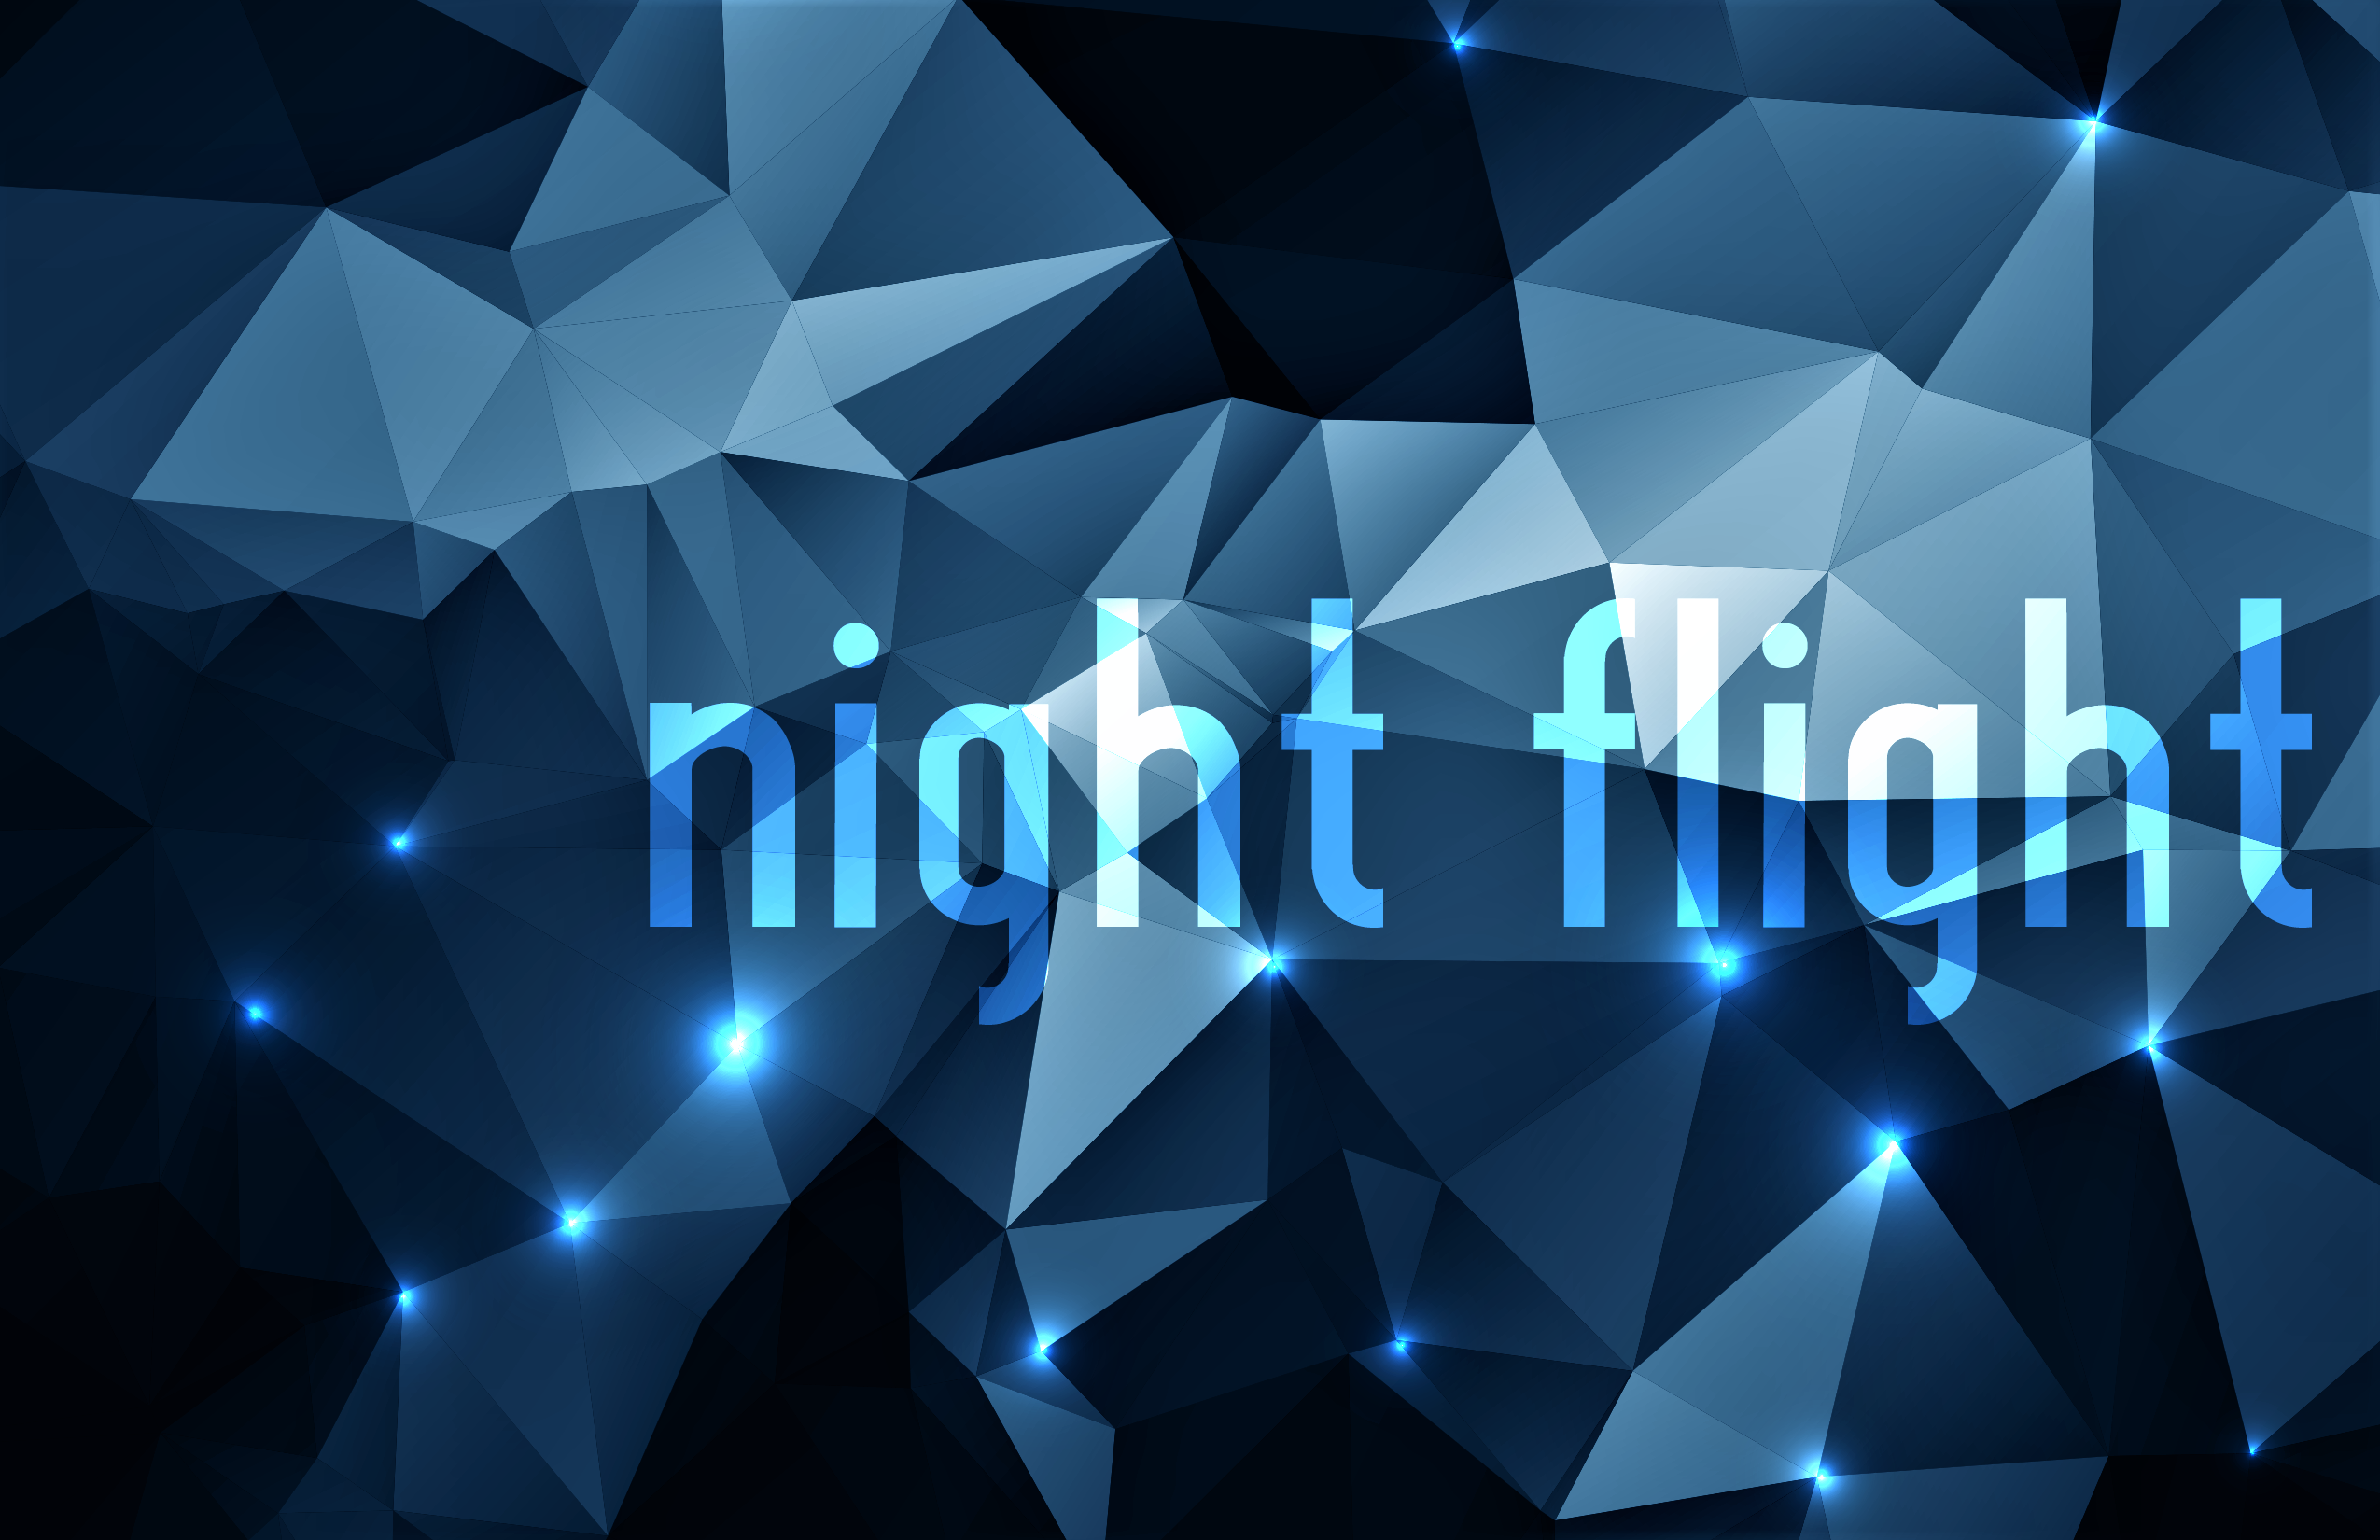 Nightflight2